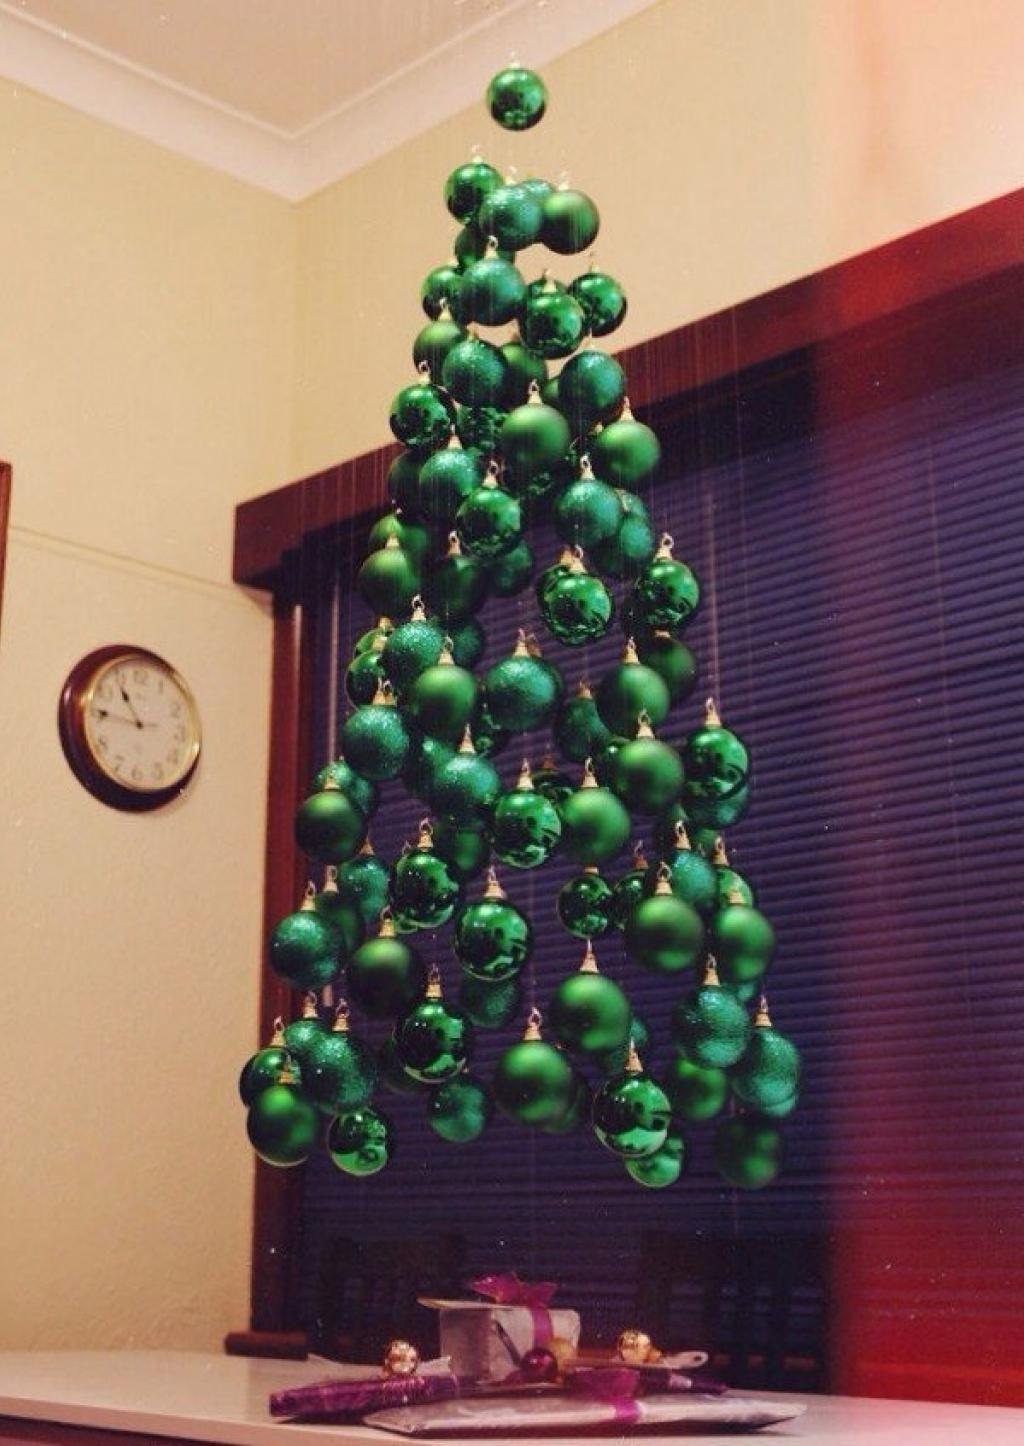 20 ides de bricolages emballantes pour dcorer votre sapin ou votre intrieur - Christmas Decorating Meme